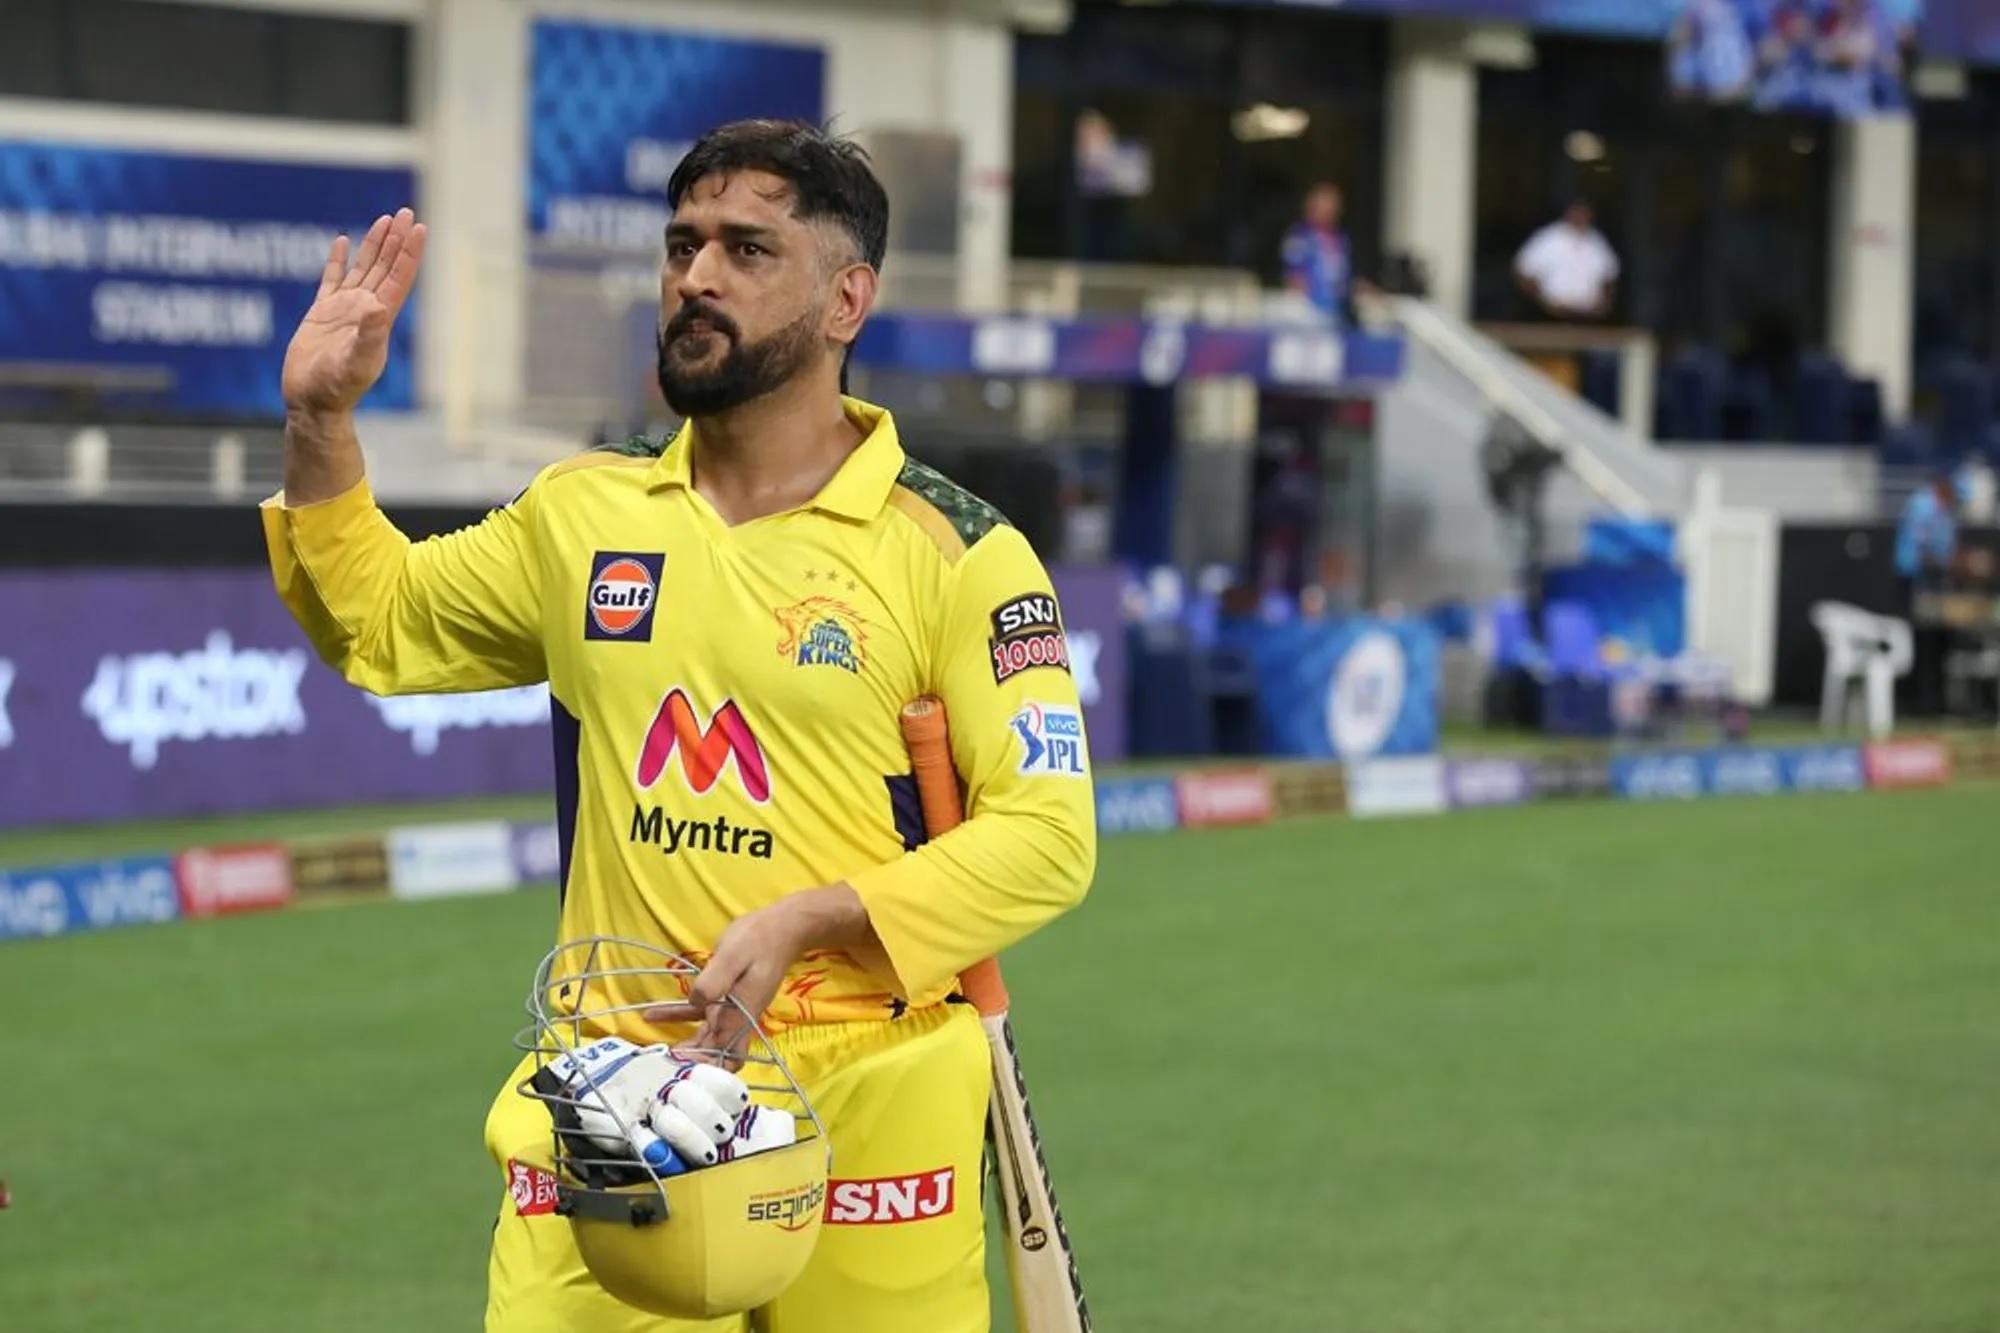 और यहां से शुरू होता है मैच का वो पीरियड जब CSK के फैन्स, धोनी के फैन्स और क्रिकेट के फैन्स की सांसे तेज हो गई थीं। चेन्नई की पारी के 19वें ओवर पहली गेंद थी और 70 रन बनाकर खेल रहे ऋतुराज गायकवाड़ आउट हो गए। अभी मैच जीतने के लिए 11 गेंदों में 24 रन चाहिए थे। बल्ला लेकर मैदान में धोनी आ रहे थे। कमेंट्री कर रहे गावस्कर, पठान और आकाश चोपड़ा पहले से ही धोनी के उस फैसले की आलोचना कर रहे थे जो उन्होंने टॉप ऑर्डर में शार्दुल ठाकुर को बैटिंग करने भेज दिया था। अब ऐसे मौके पर धोनी के आने के फैसले पर भी आकाश बोले कि यह समय रवींद्र जडेजा को क्रीज पर होने का है, लेकिन धोनी खुद आए।